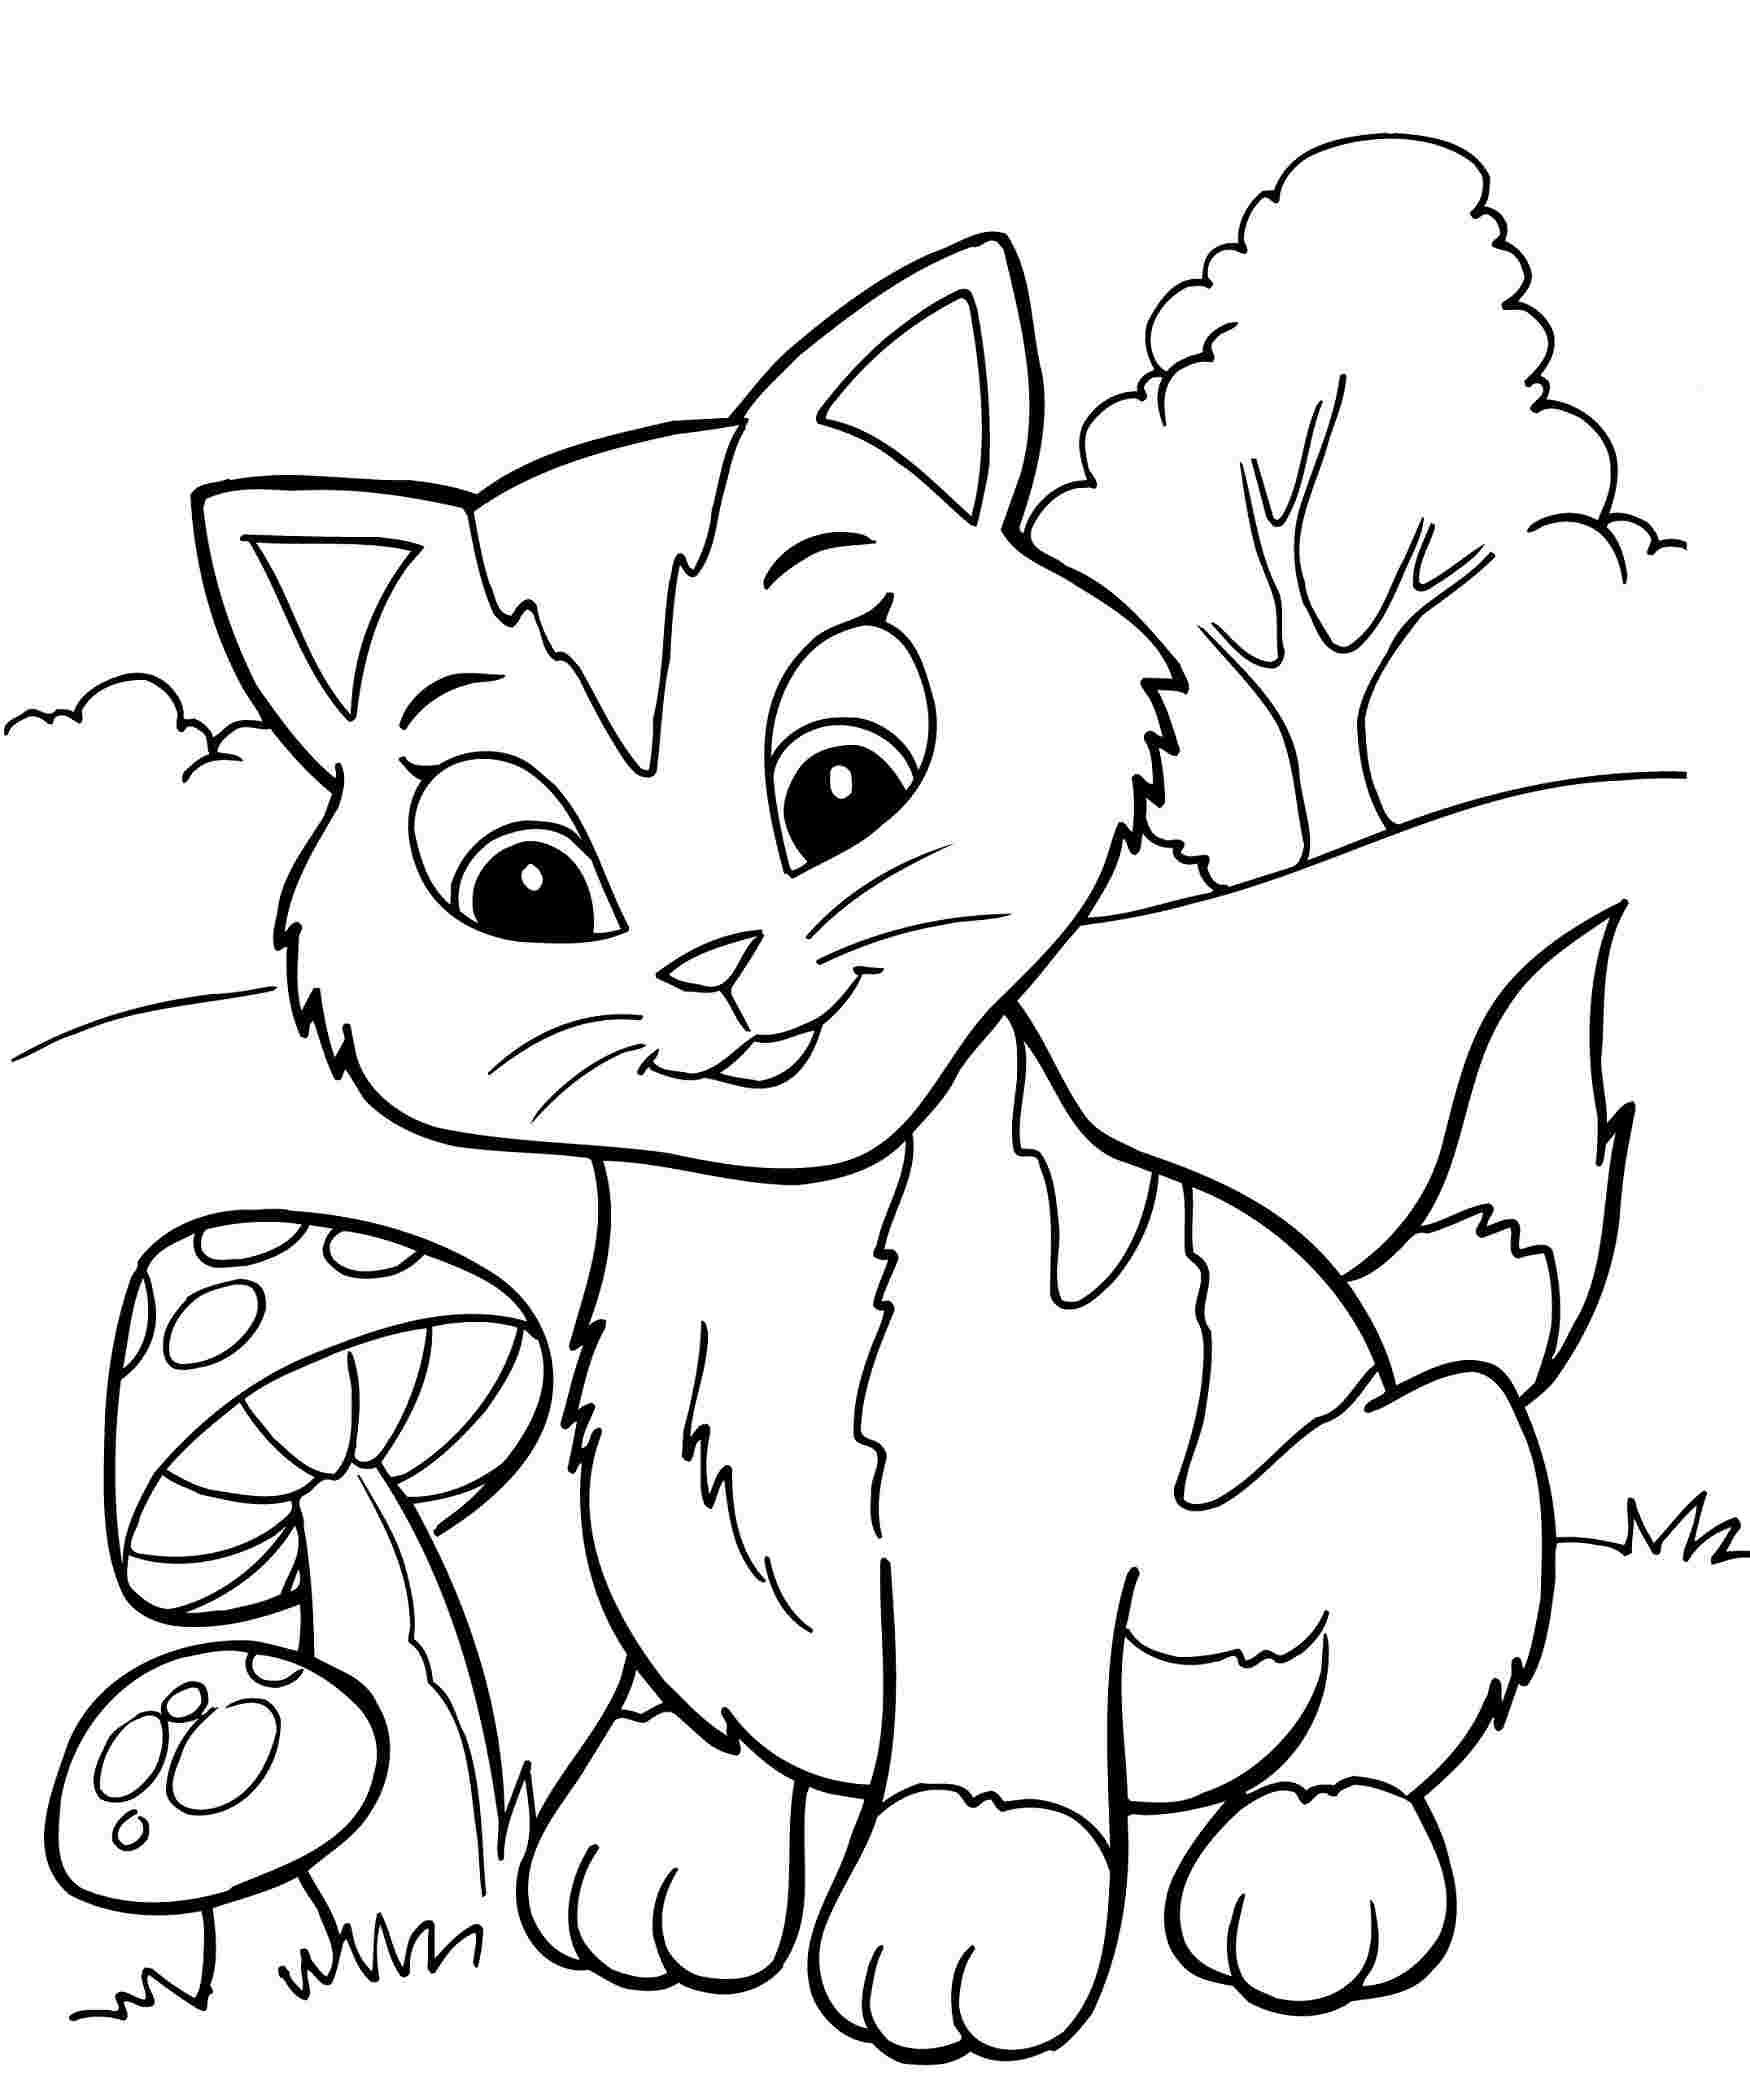 Tranh tô màu con mèo và cây nấm